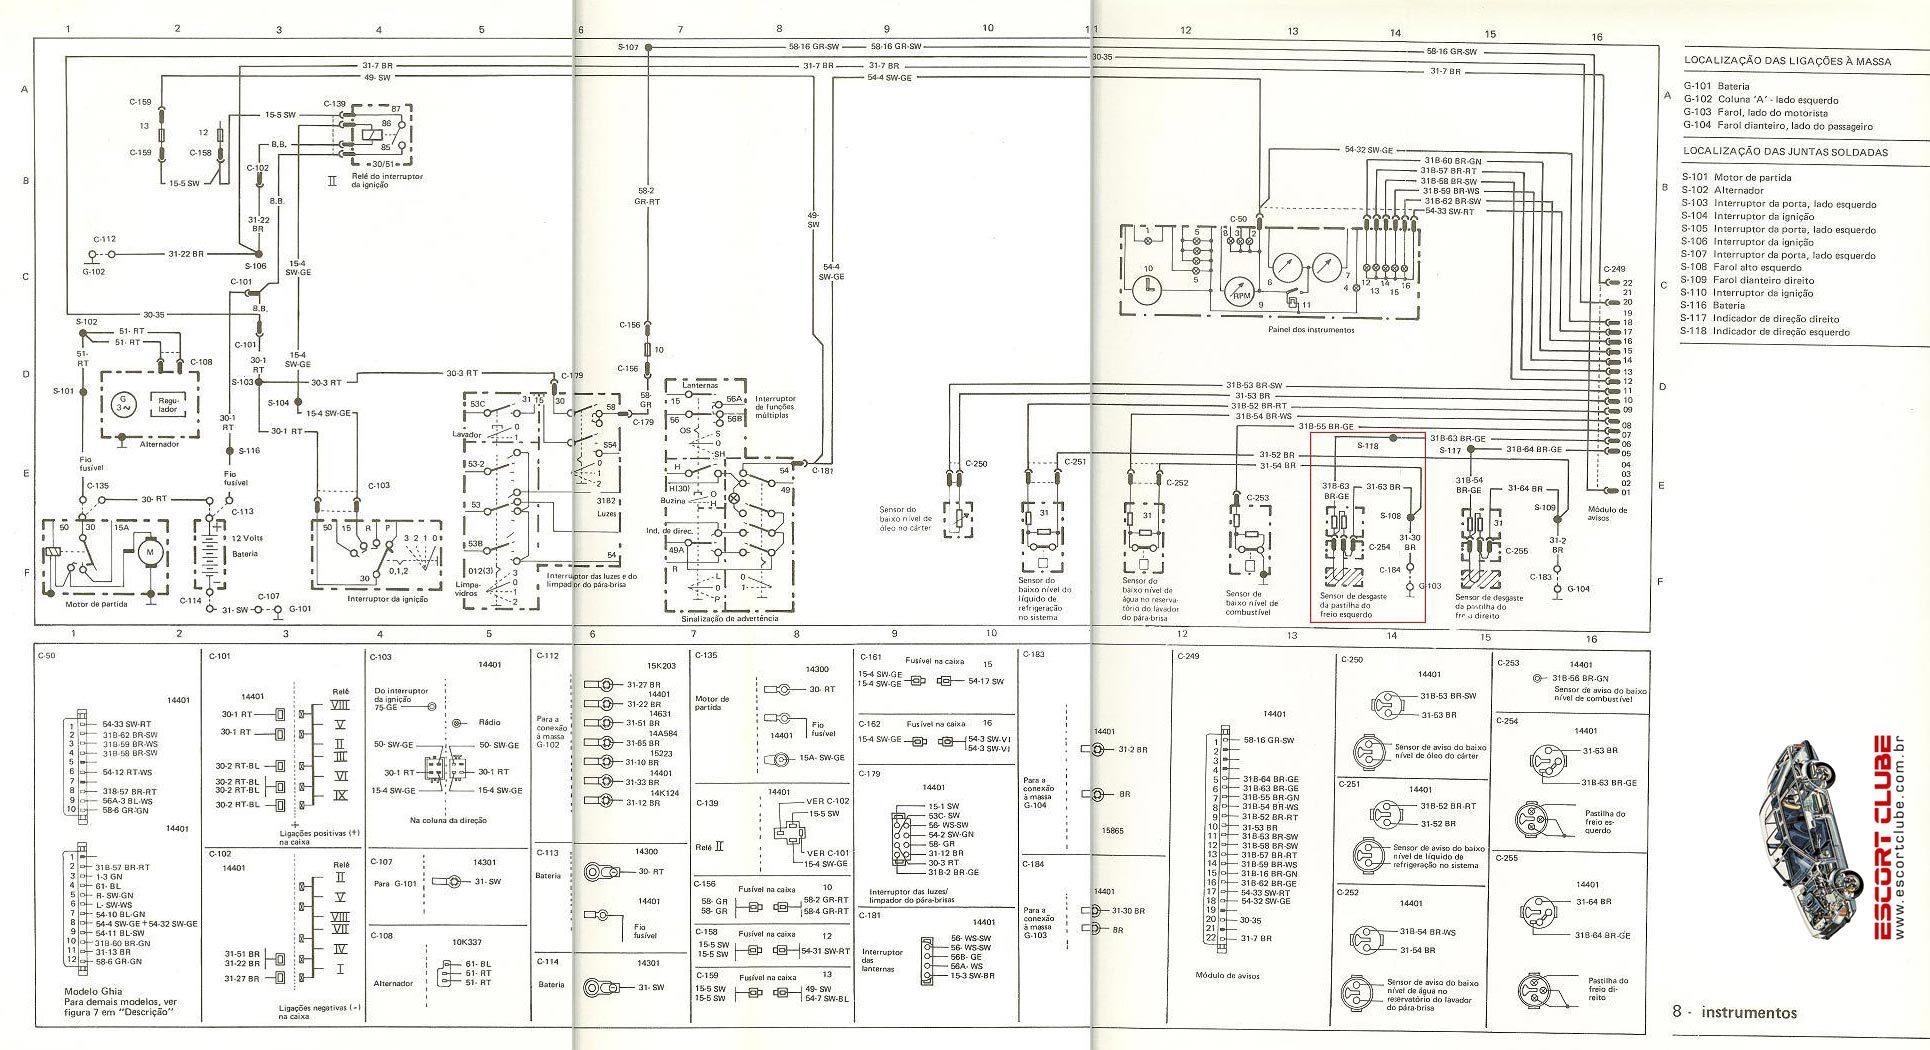 Ford Circuito Eletrico Escort Gl 95 1 6i Jpg Diagramas De Autos  U2013 Diagramasde Com  U2013 Diagramas